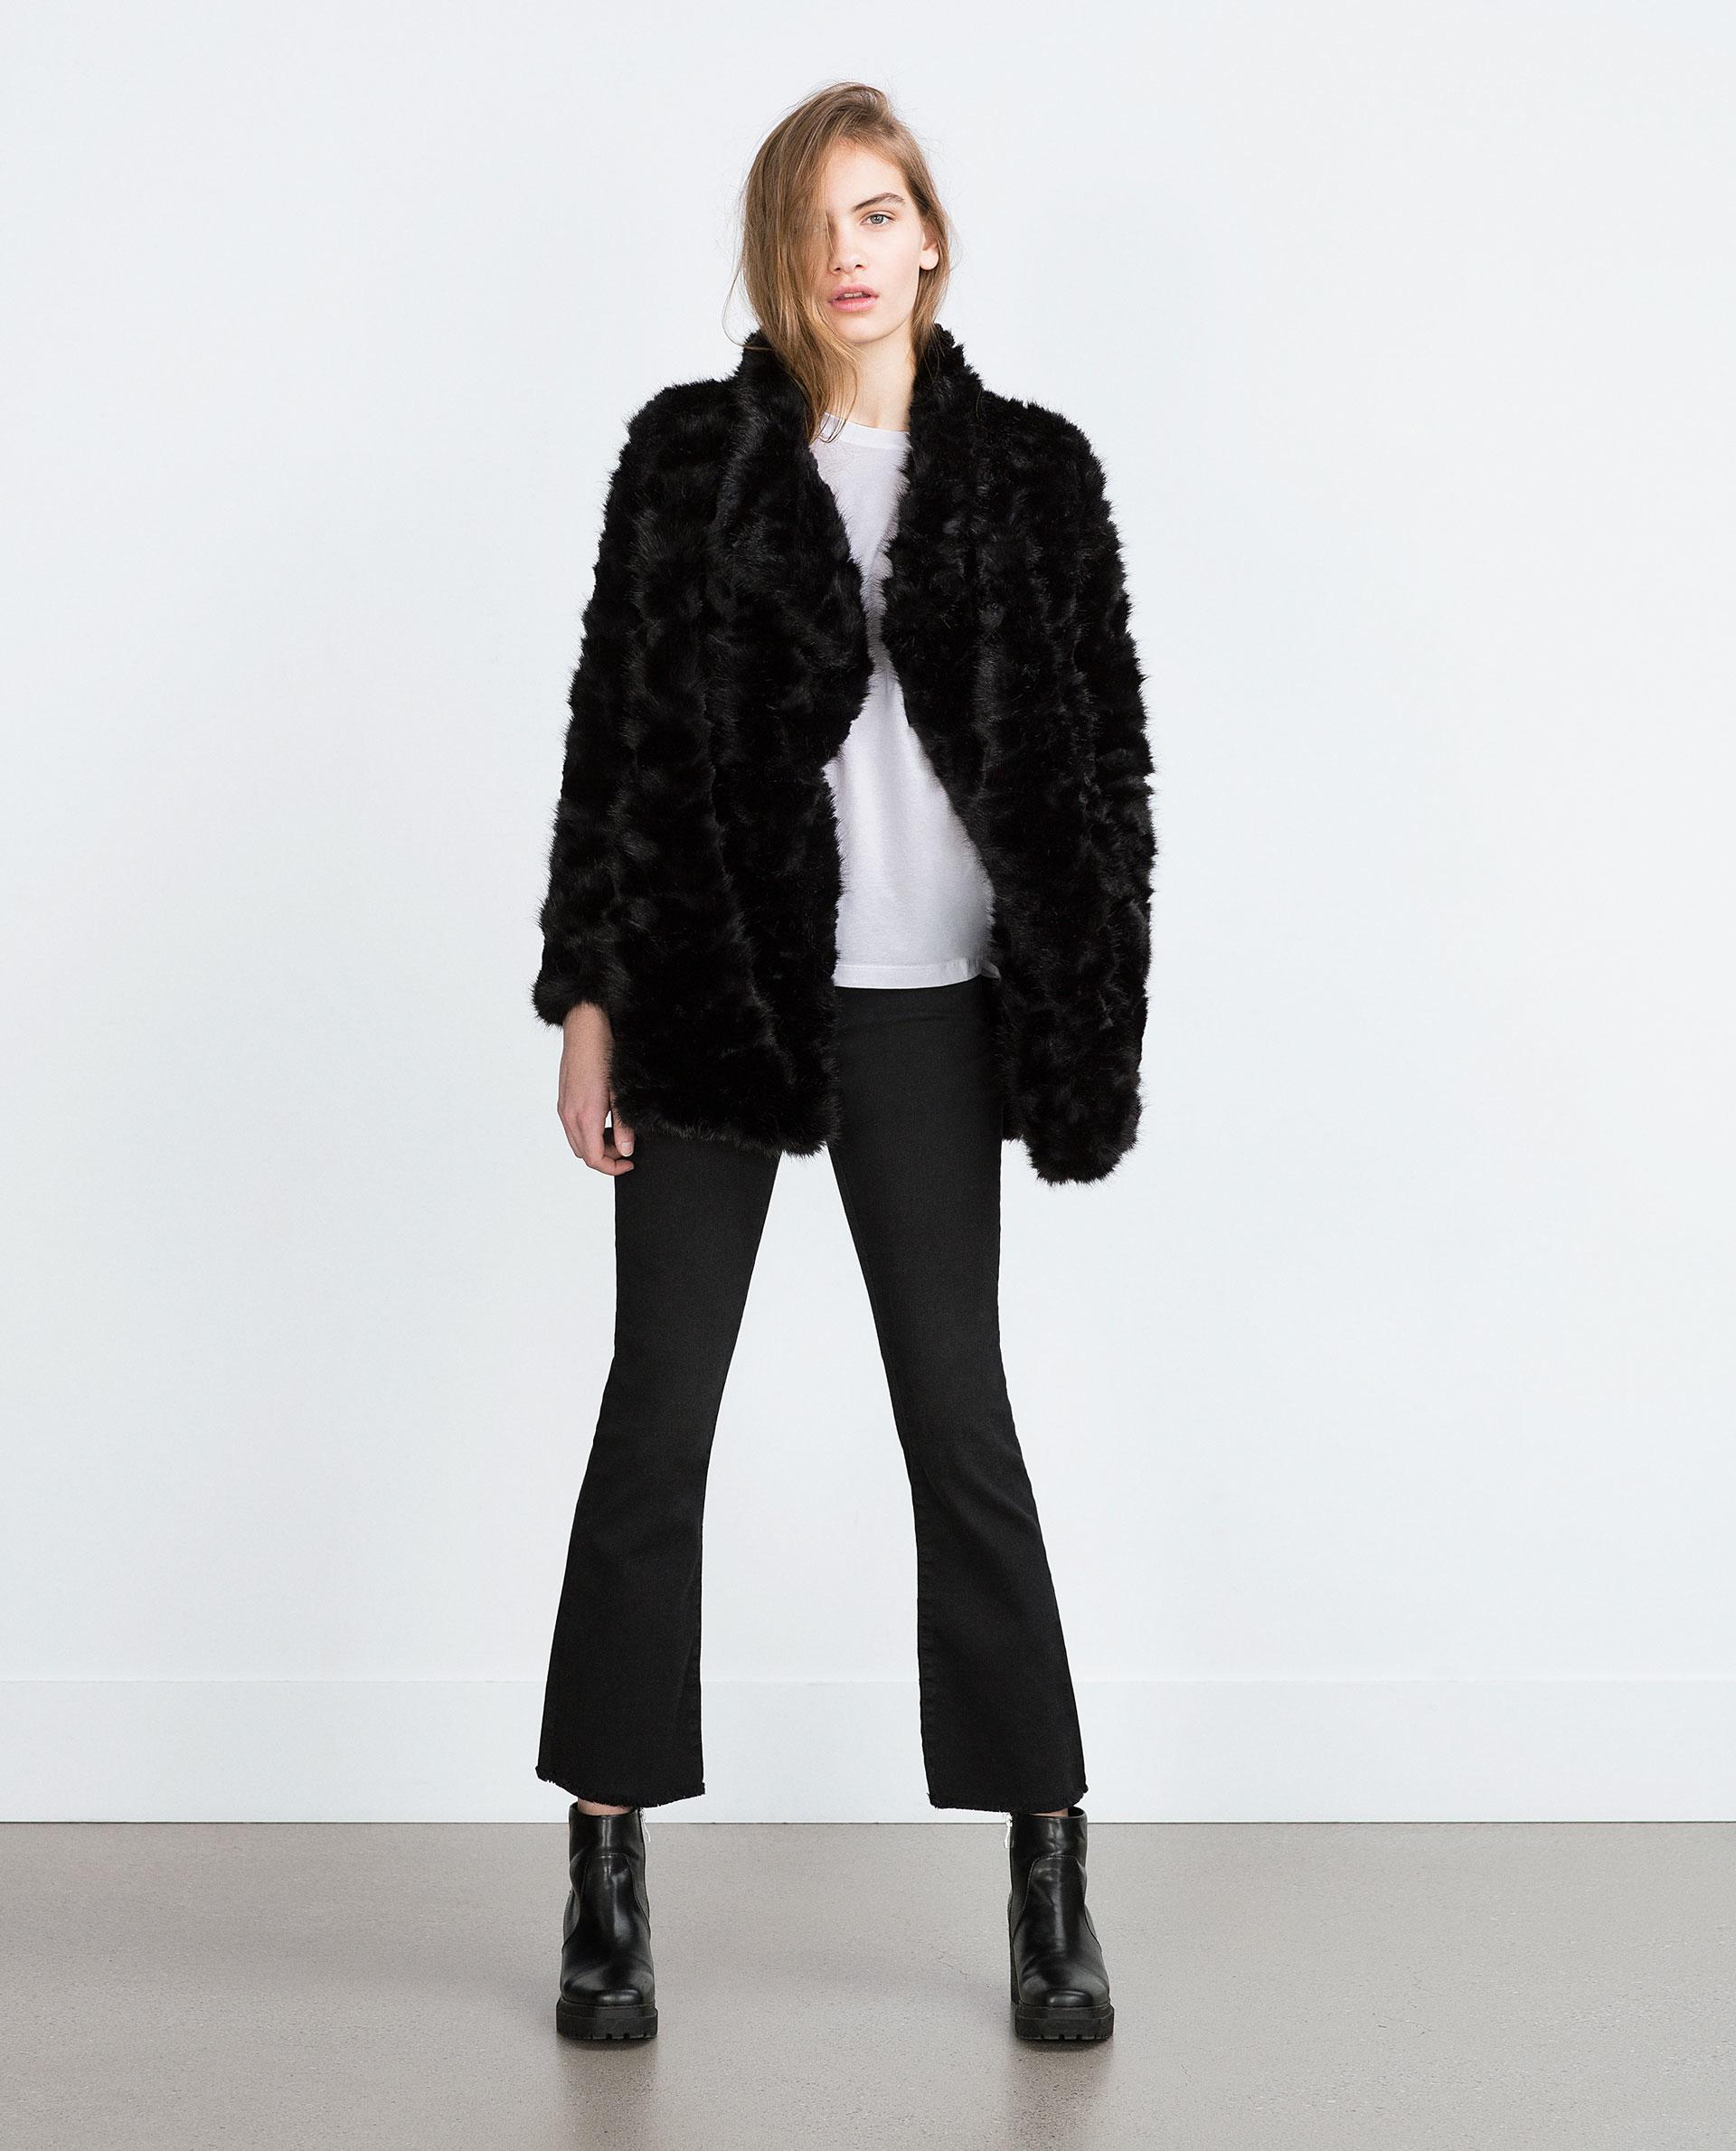 0fb3f199c8 Zara Fur Coat | eBay